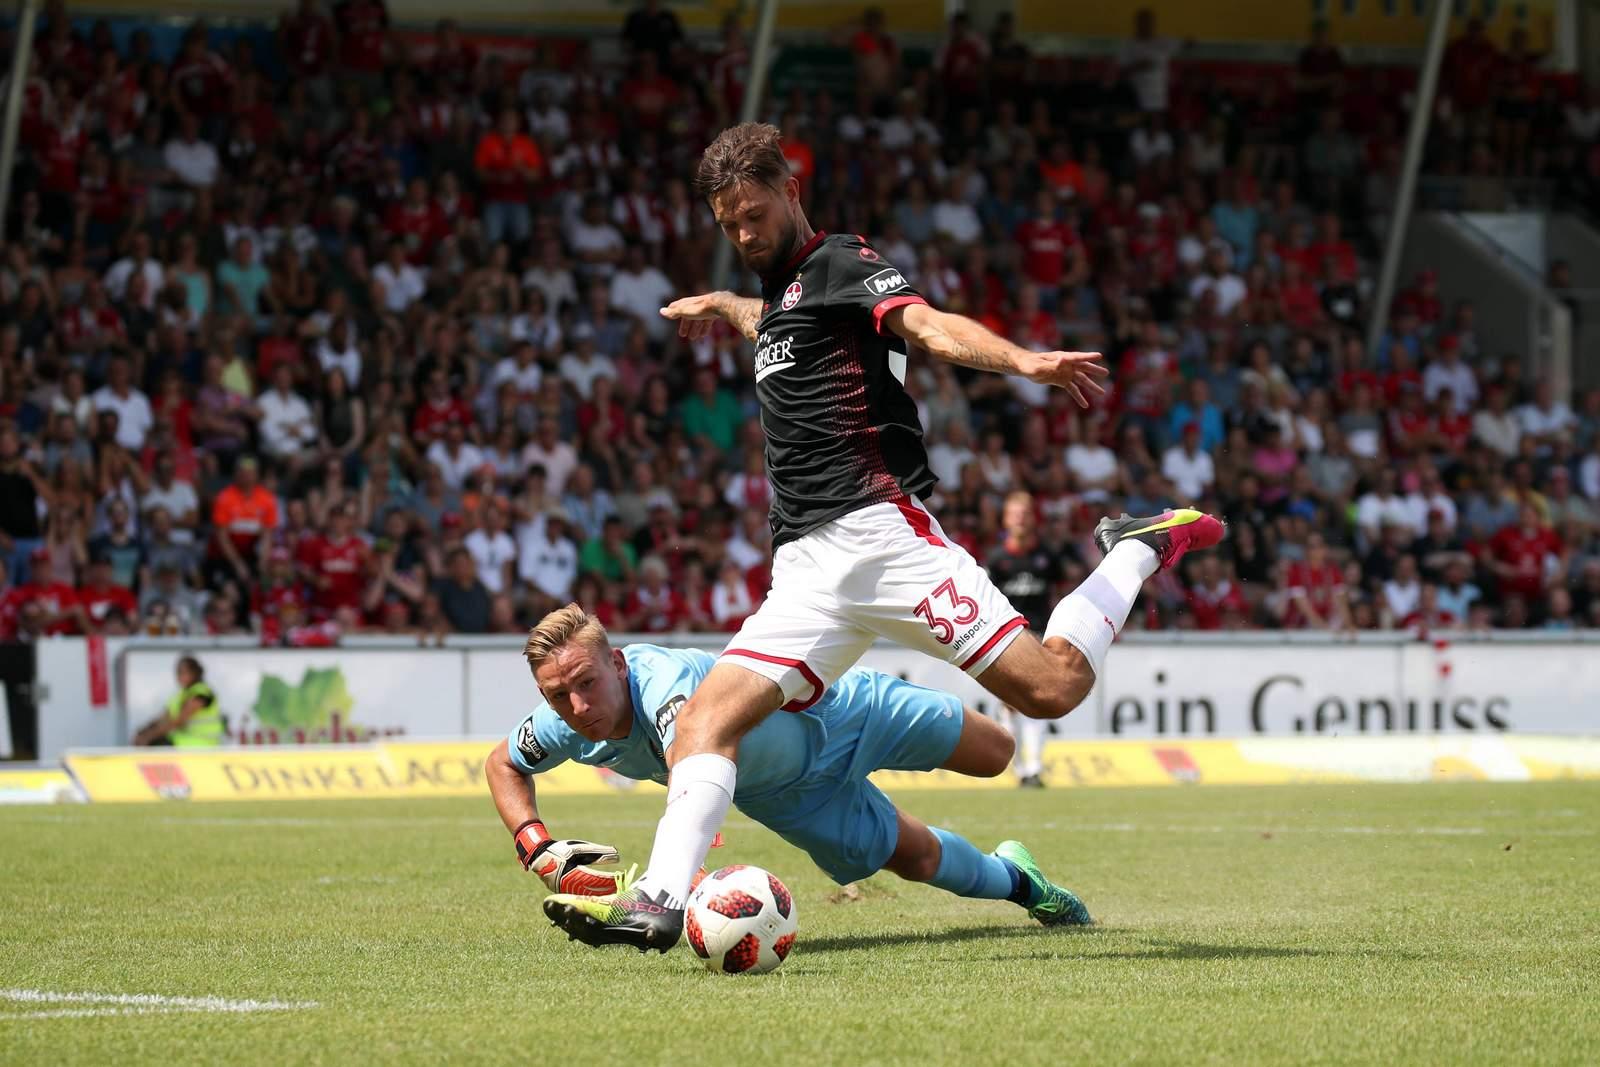 Lukas Spalvis zieht ab. Jetzt auf Kaiserslautern gegen Münster wetten.